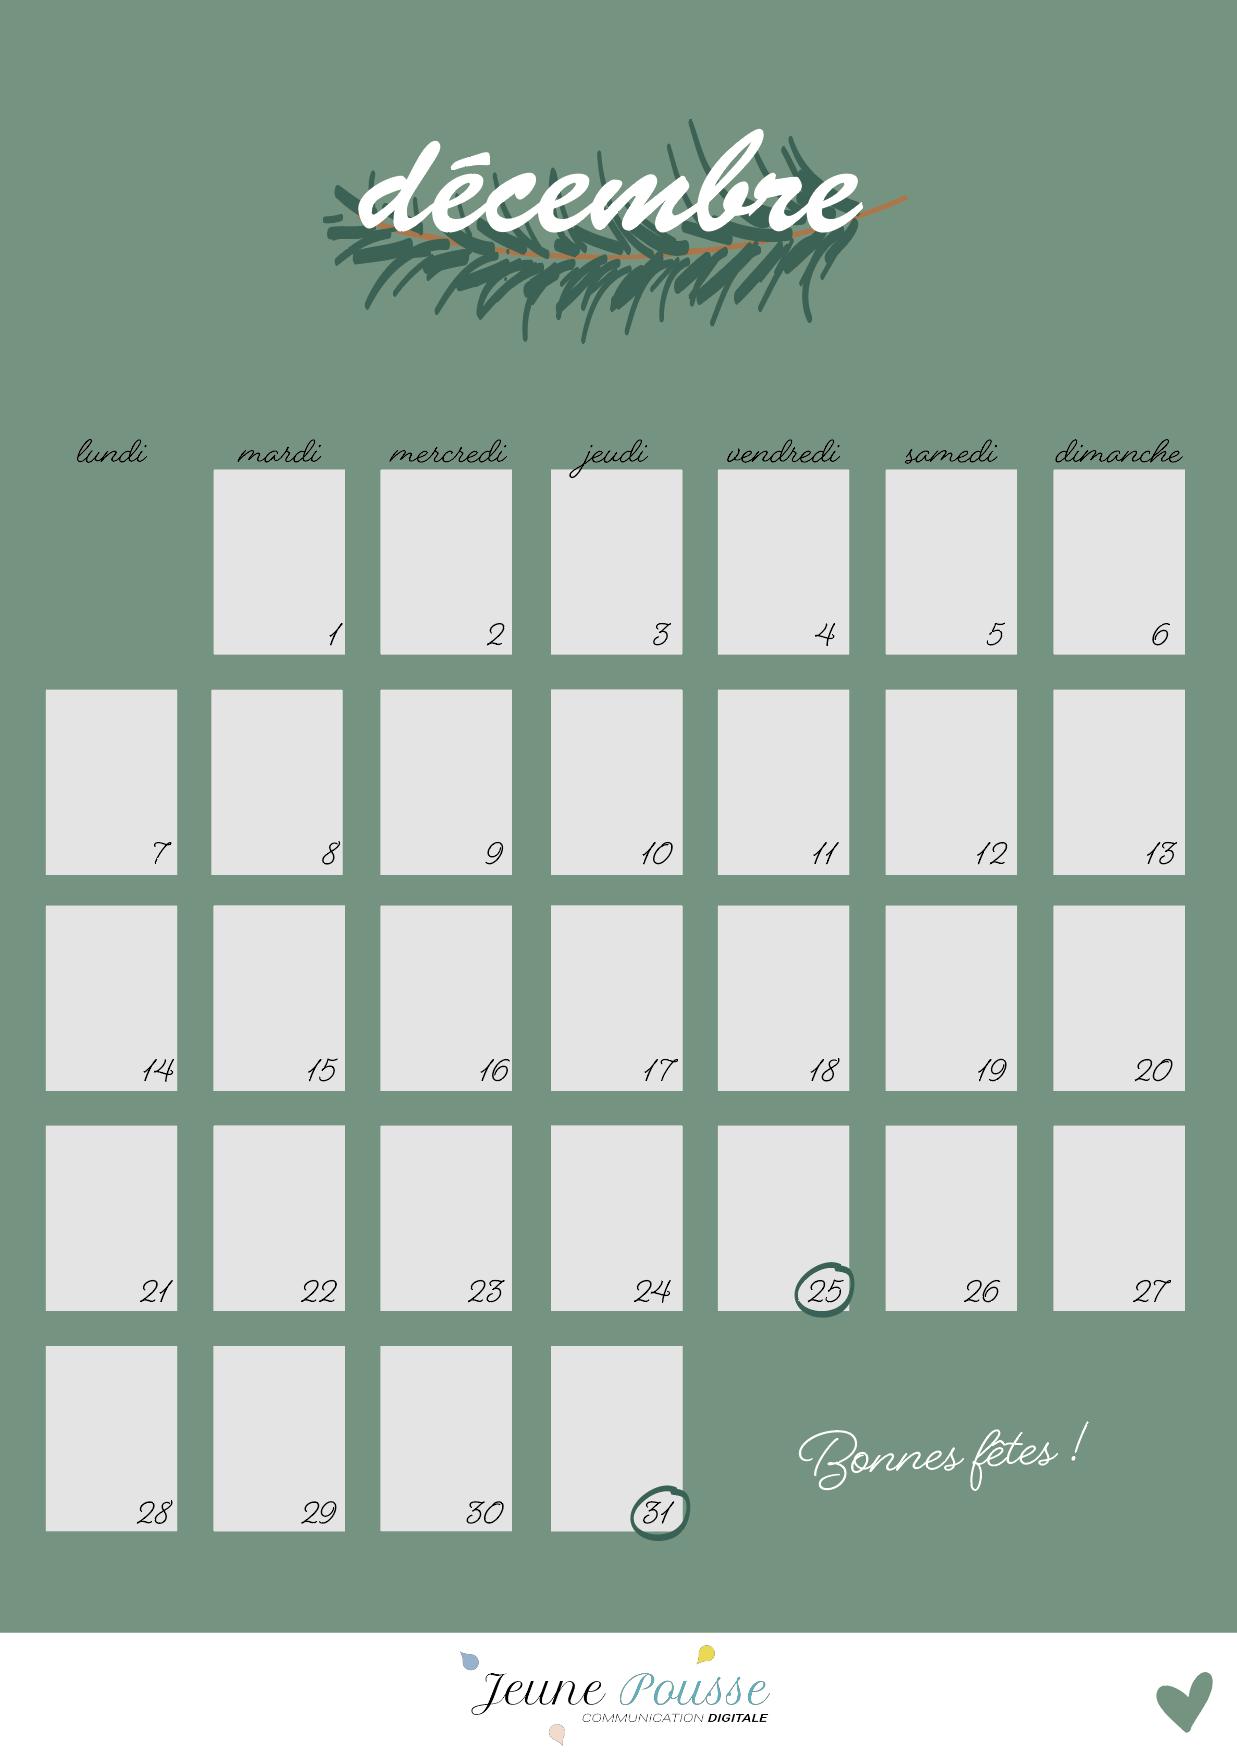 Calendrier freebies décembre 20